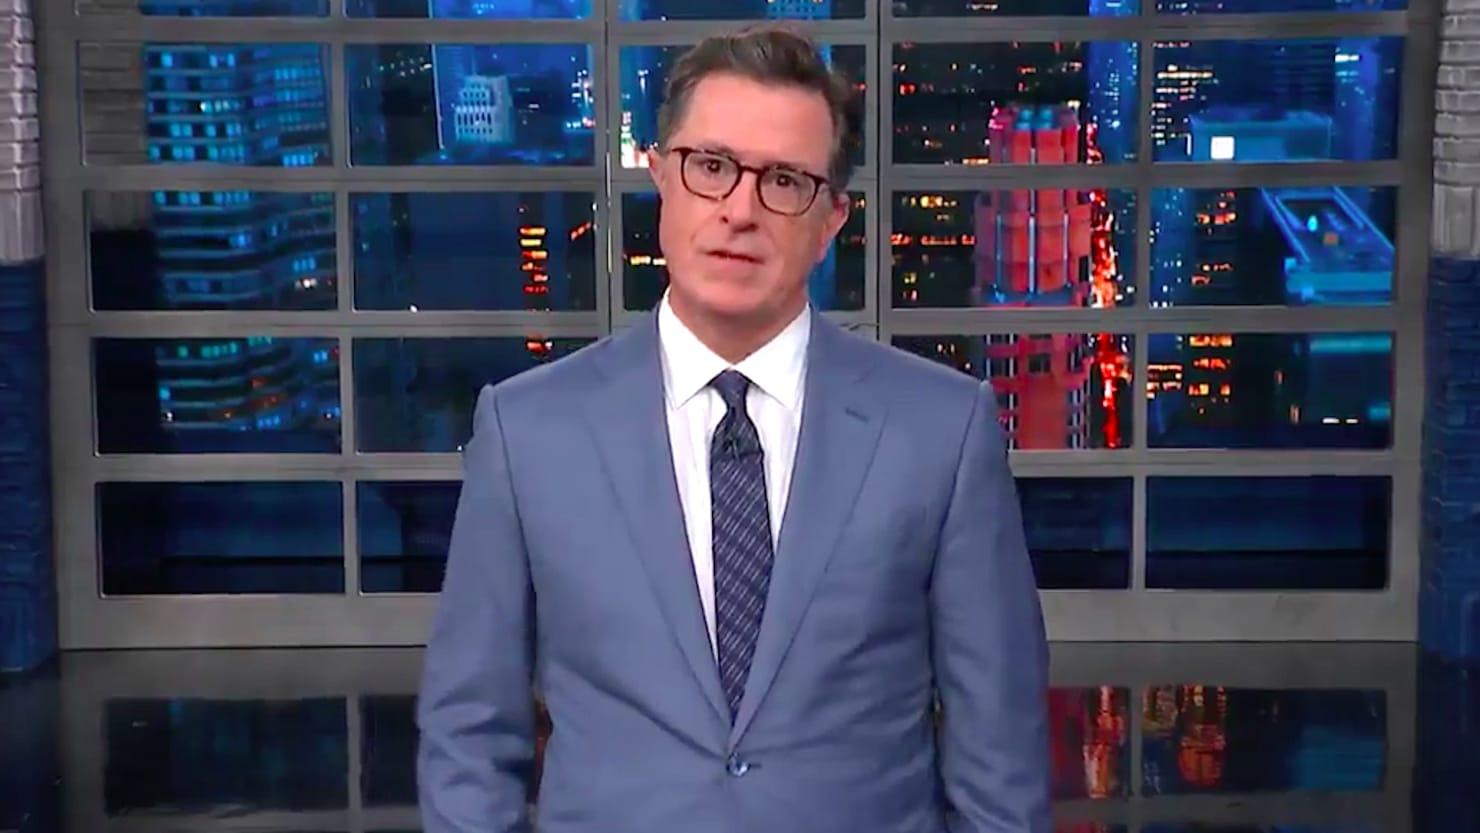 Stephen Colbert Rips Sarah Huckabee Sanders for Defending Trump's 'Racism'